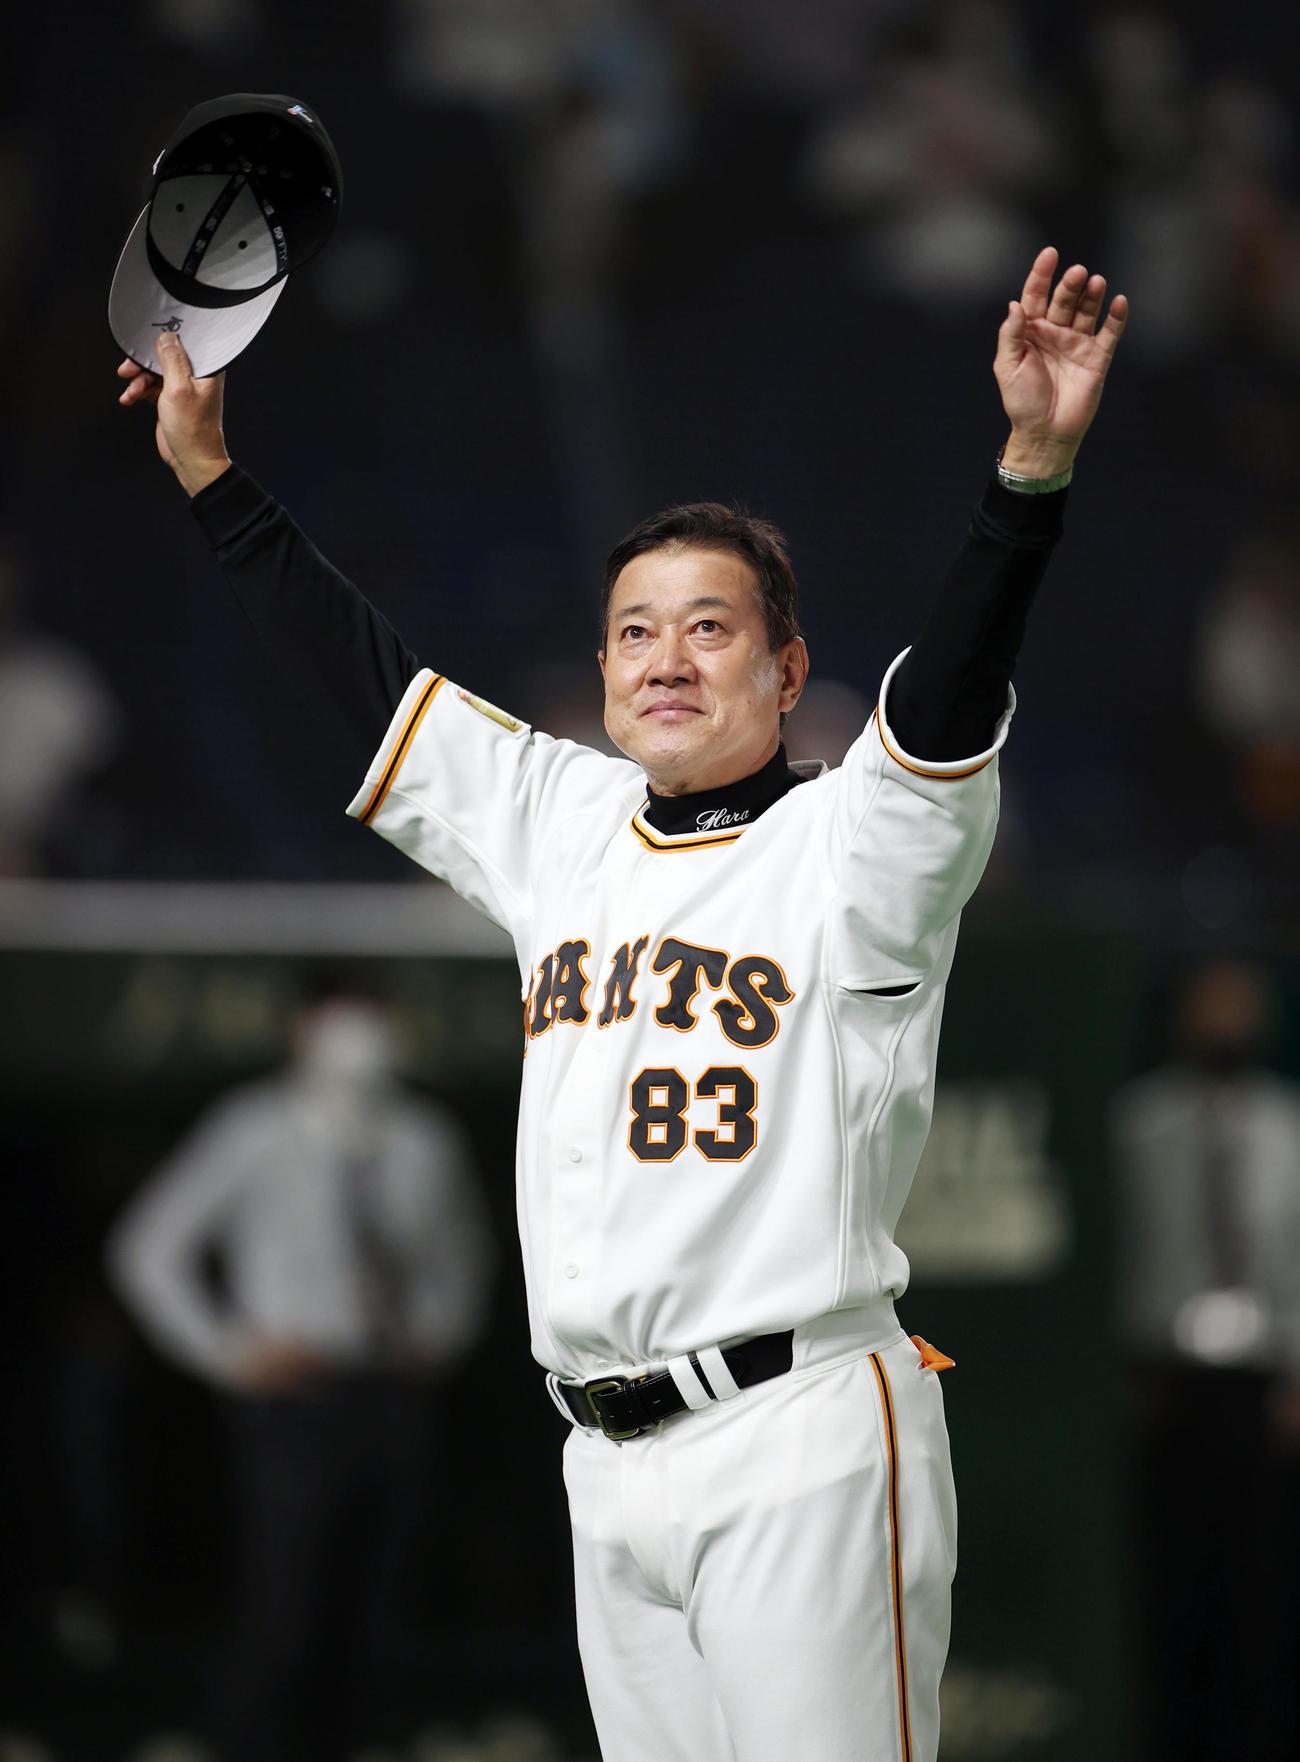 巨人対中日 試合後、通算1100勝目を達成し、ファンの声援に応える原監督(撮影・狩俣裕三)